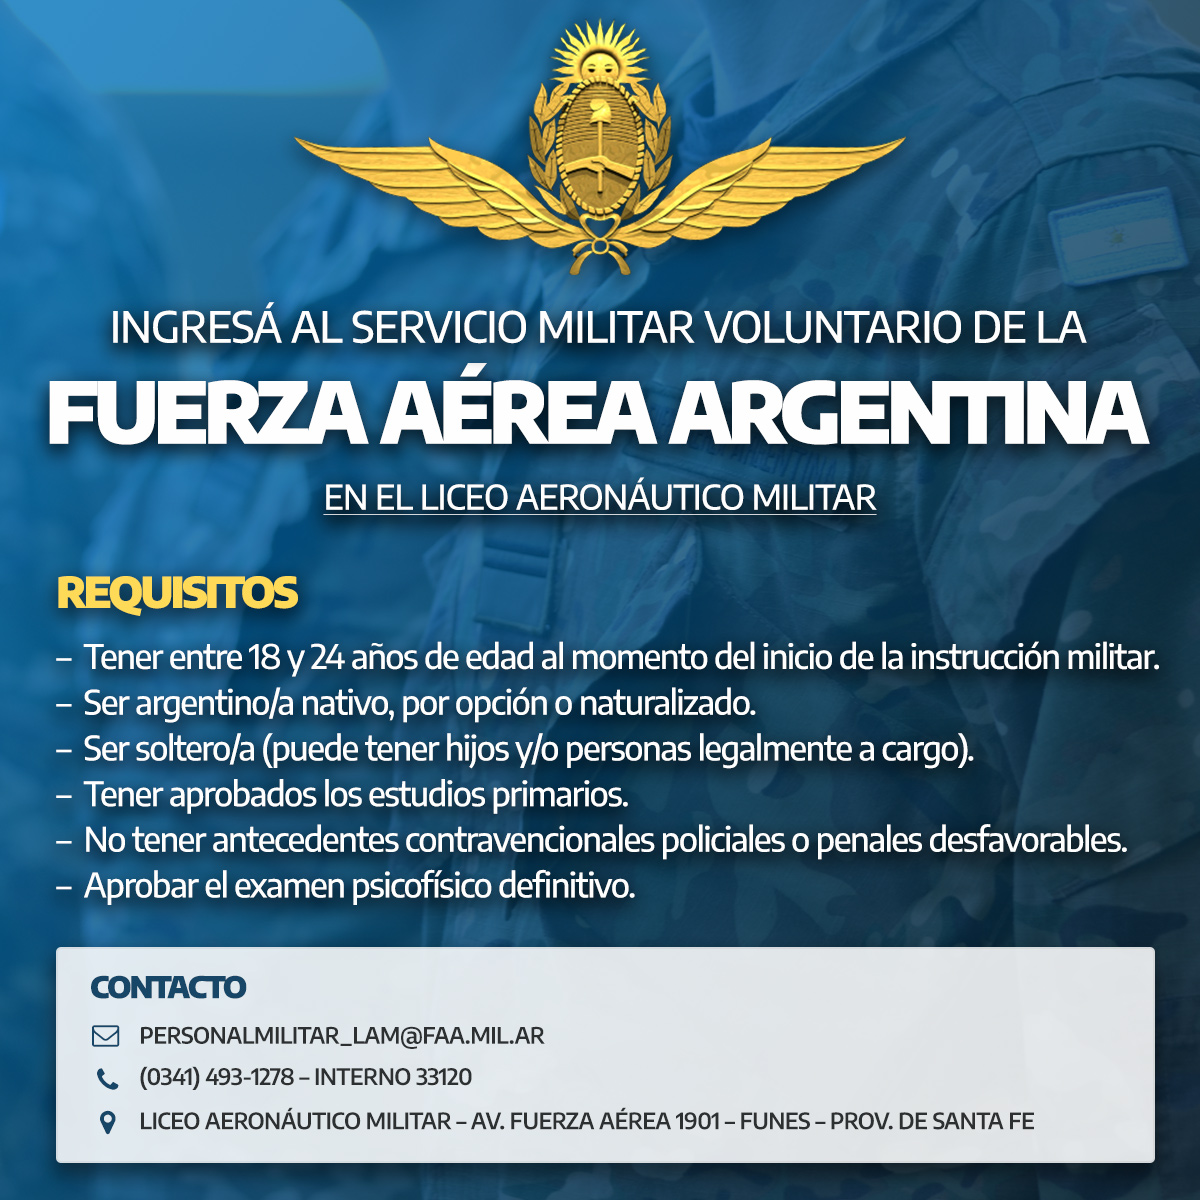 Ingresá al Servicio Militar Voluntario de la Fuerza Aérea Argentina